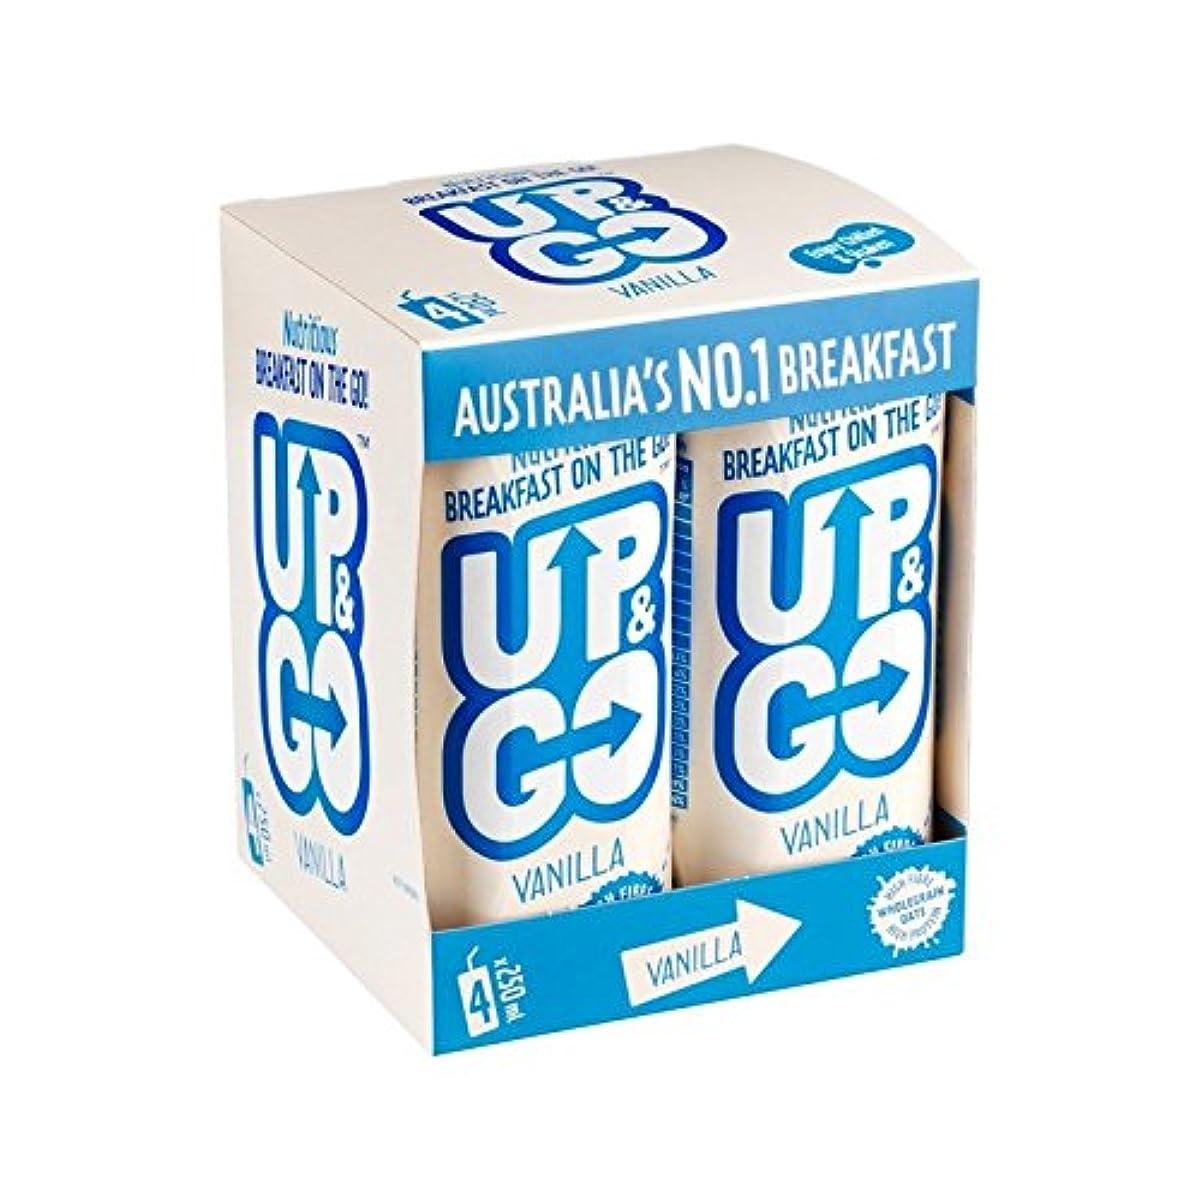 宝フルート墓オート麦4×250ミリリットルとバニラ朝食ドリンク (Up&Go) (x 6) - Up&Go Vanilla Breakfast Drink with Oats 4 x 250ml (Pack of 6) [並行輸入品]